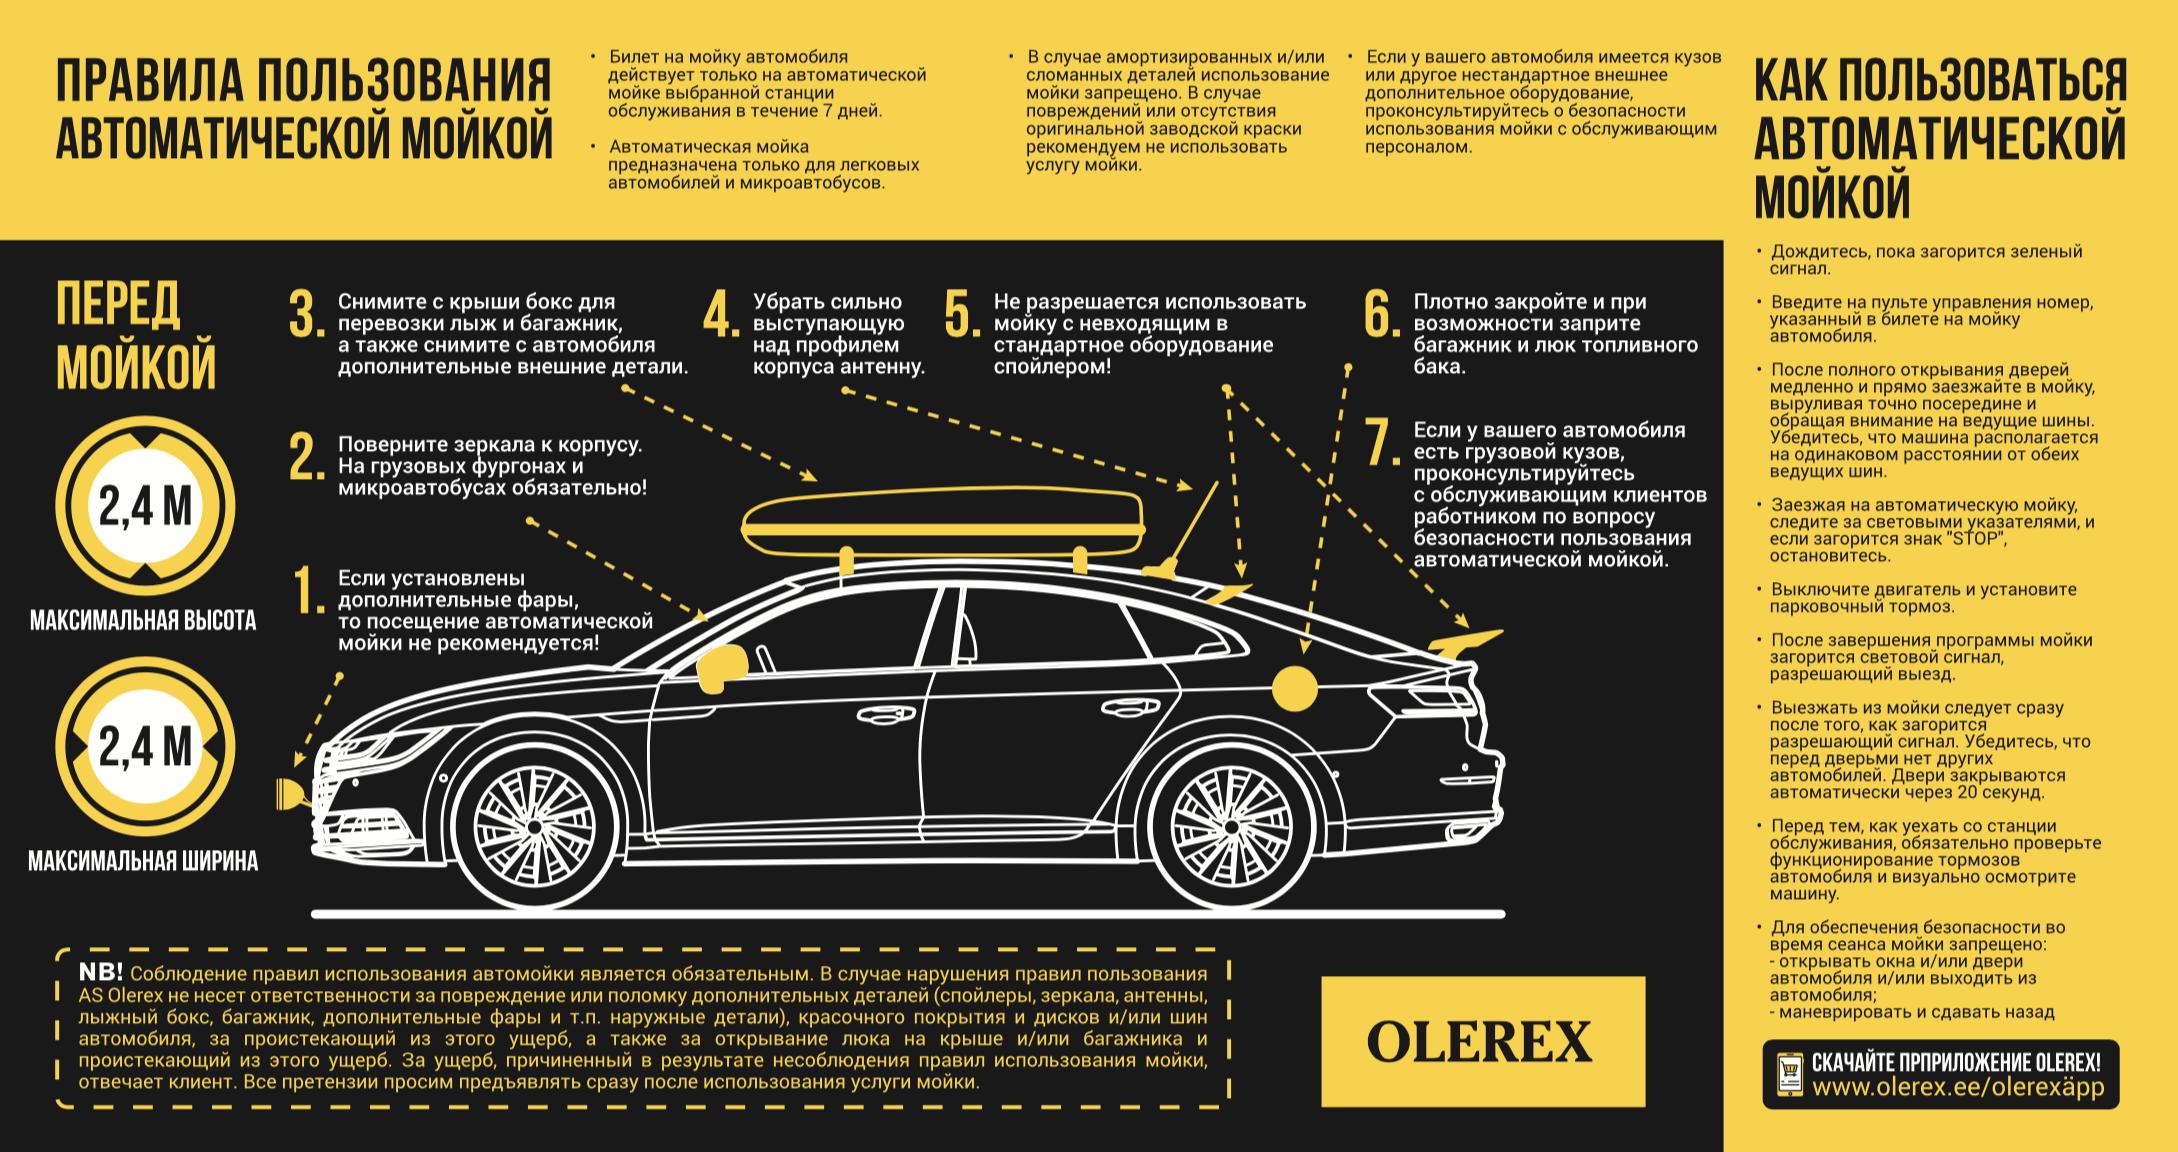 каждое инструкция в картинках для автомойщика месту проведения акции